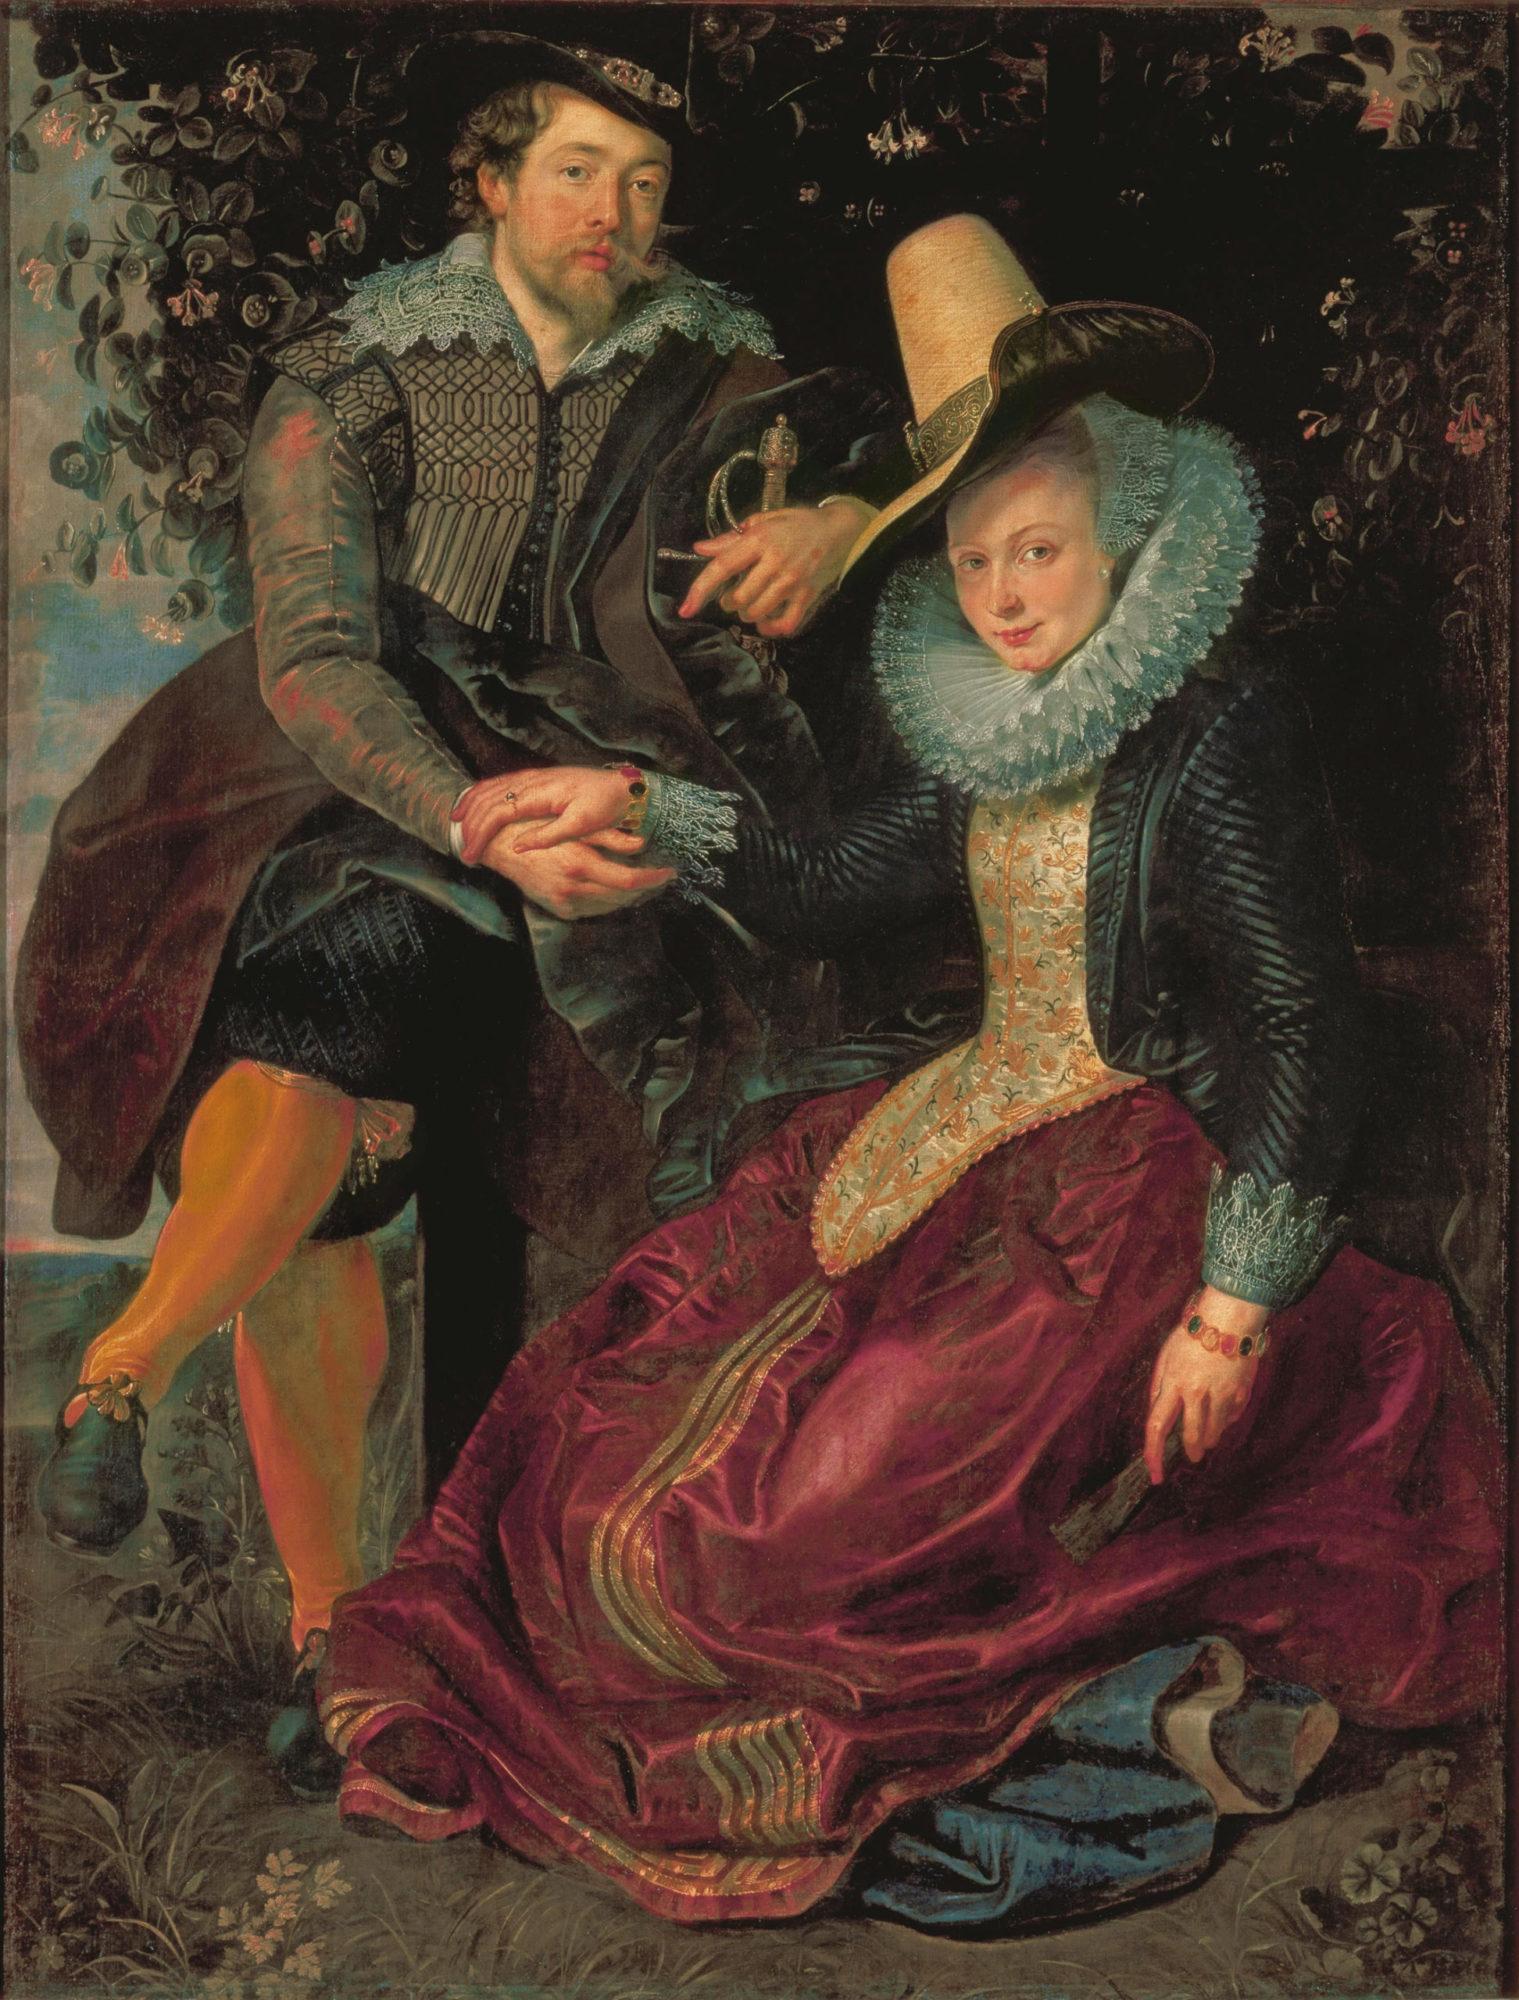 Питер Пауль Рубенс, 1609-1610 годы, картина «Автопортрет с Изабеллой Брант».